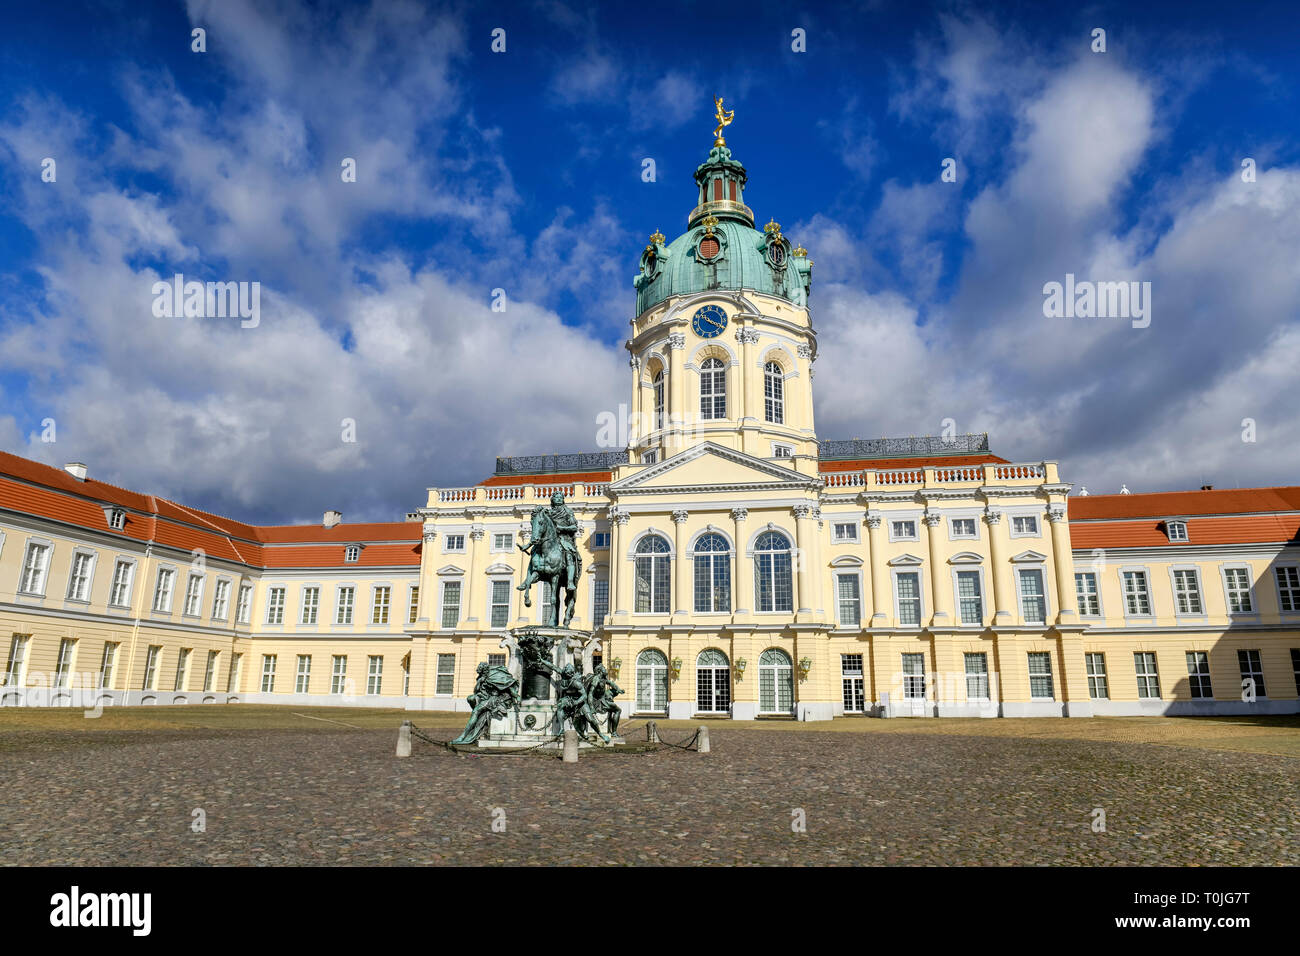 Castle Charlottenburg, chip duration dam, Charlottenburg, Berlin, Germany, Schloss Charlottenburg, Spandauer Damm, Deutschland - Stock Image